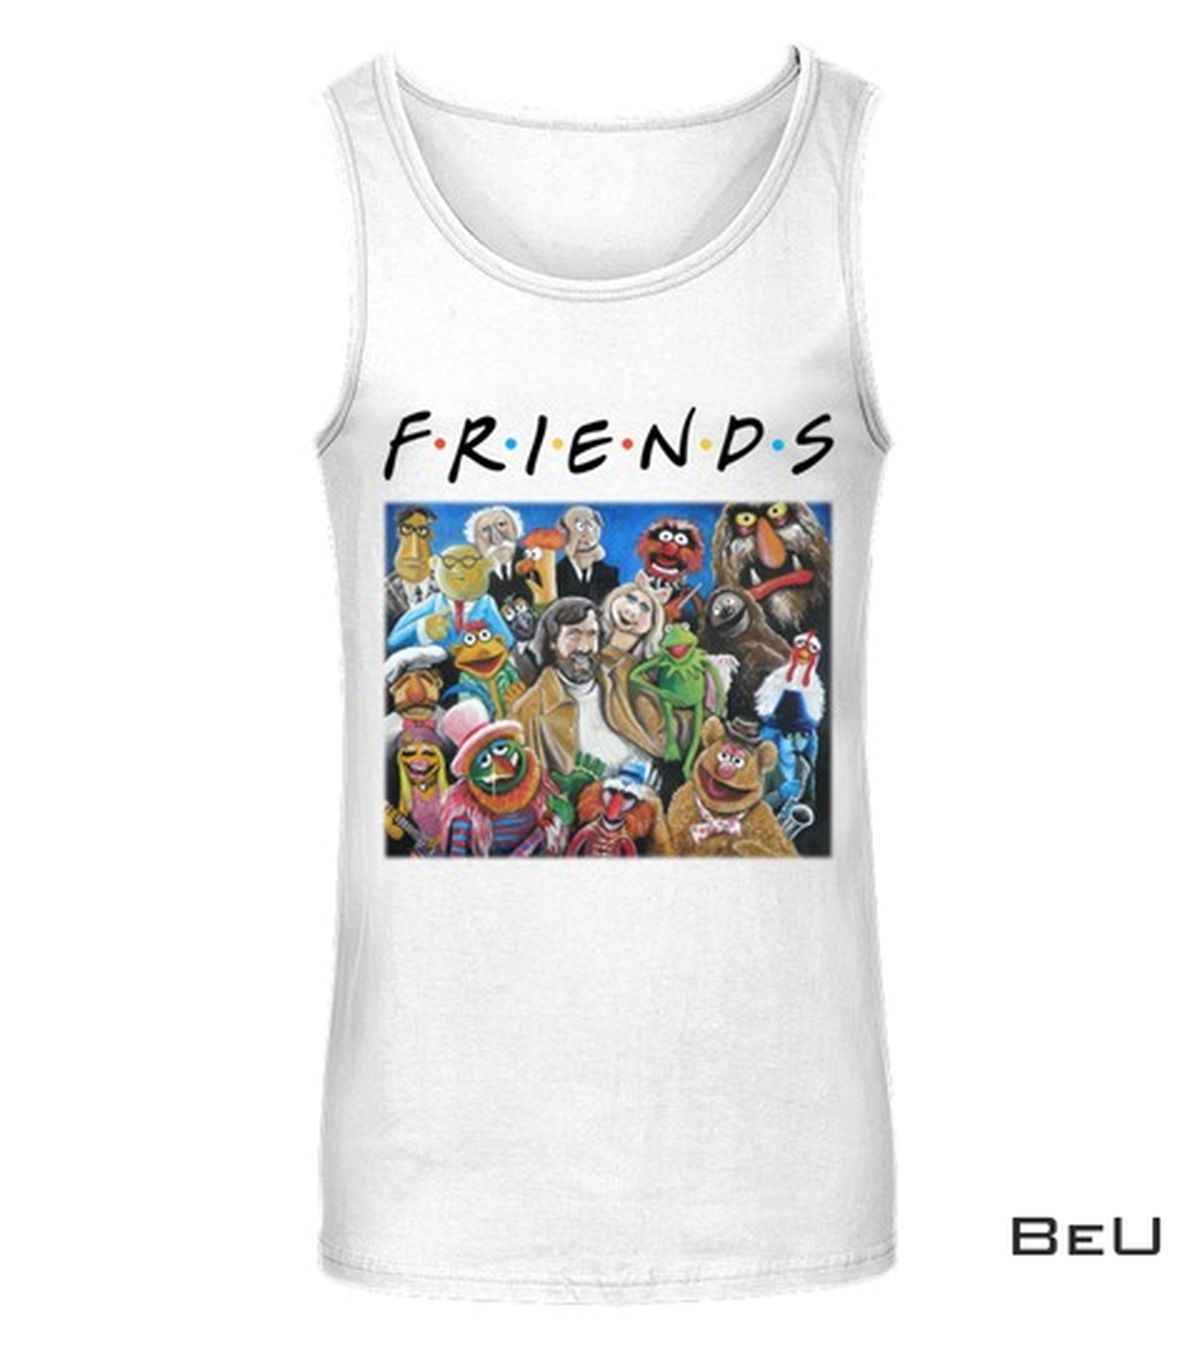 Beautiful Friends Jim Henson Puppets Art Shirt, tank top